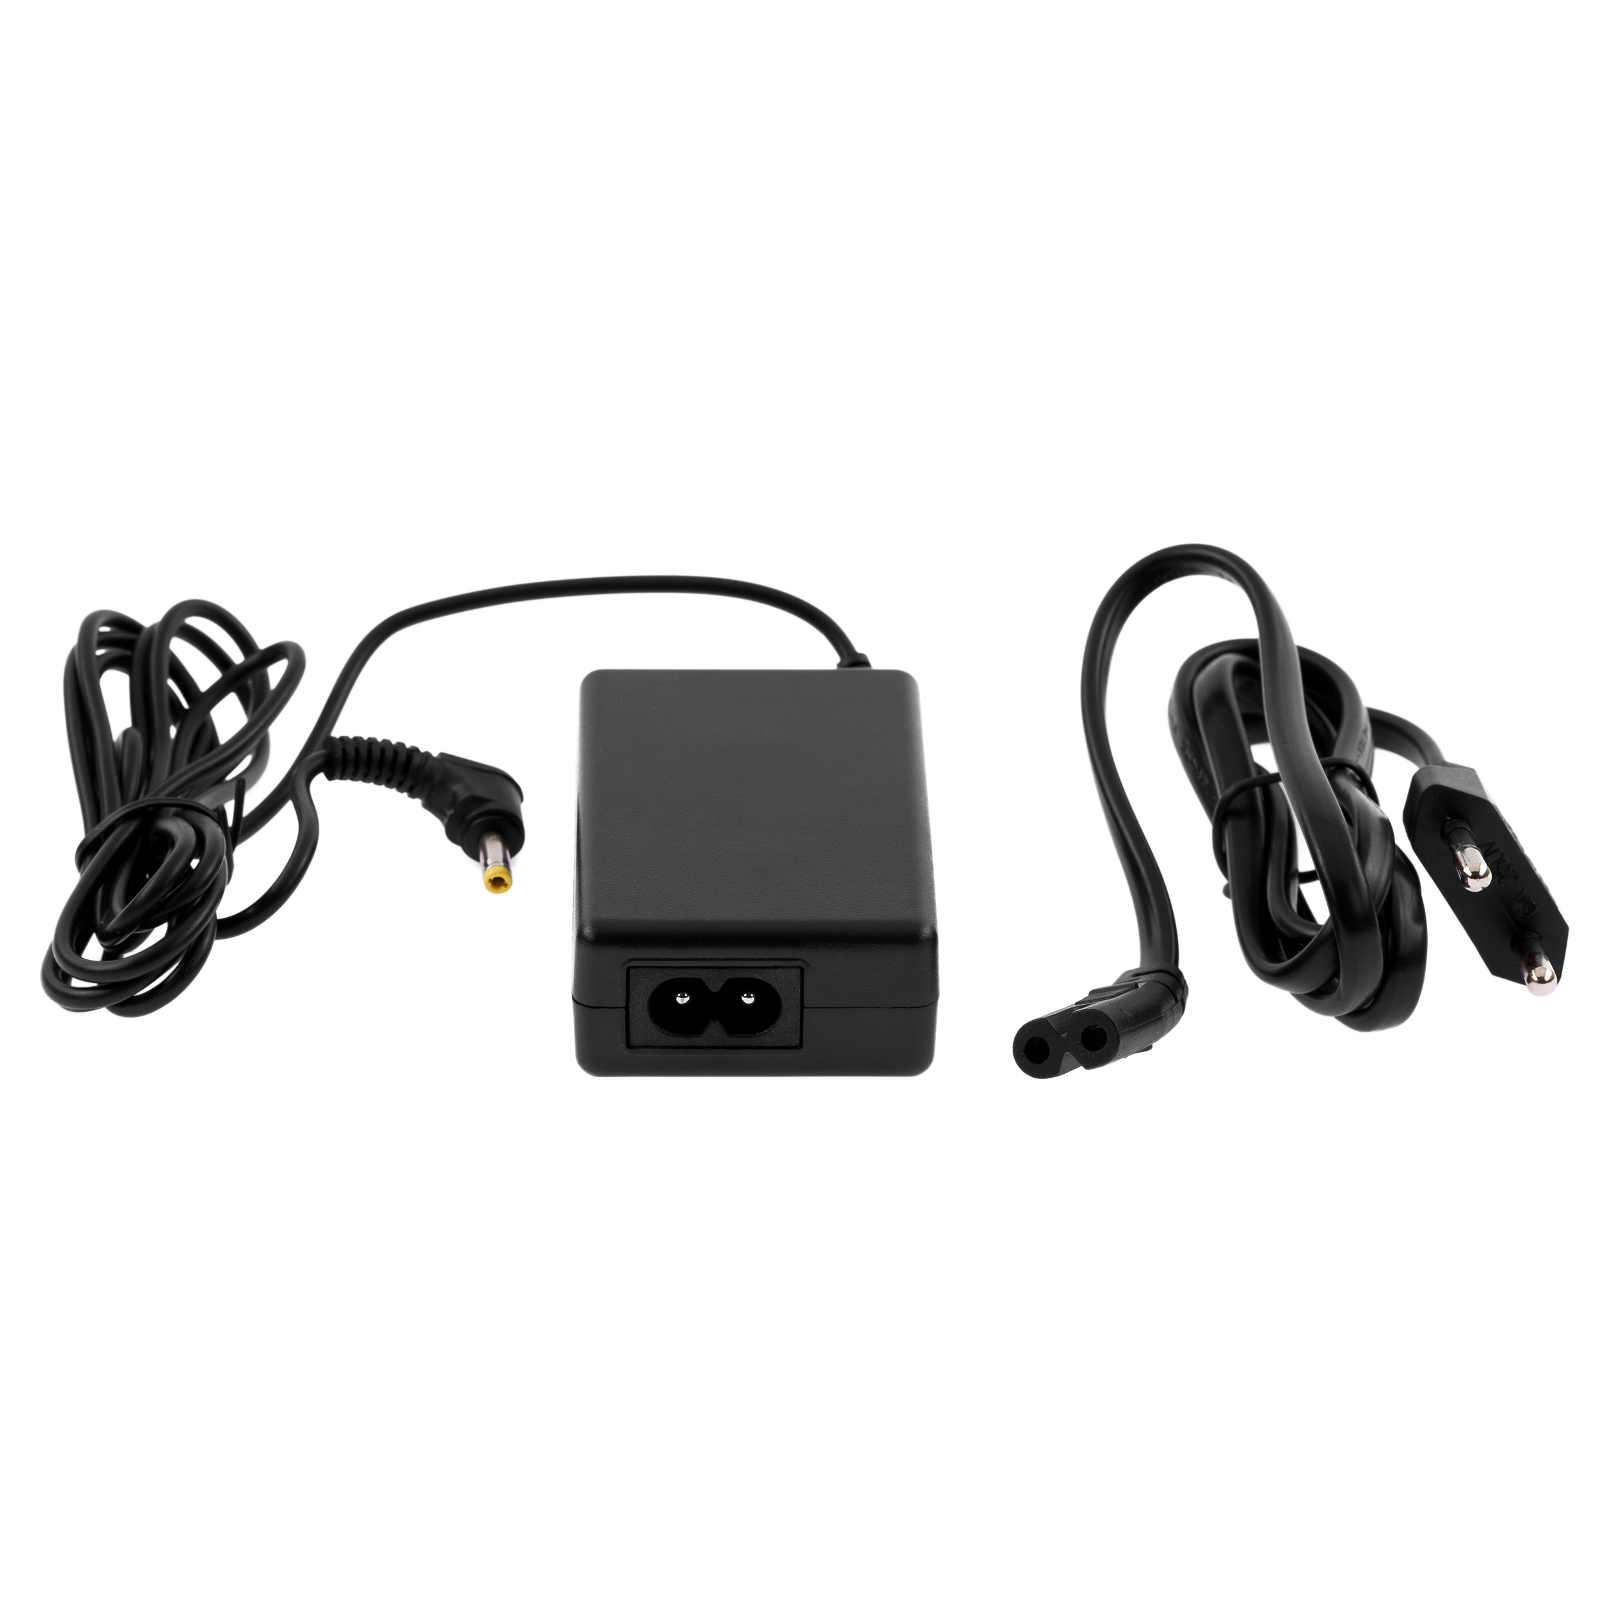 Accessoires PS Vita Under Control AC Adaptor (PSP/Vita) Adaptateur secteur pour consoles PSP1000/2000/3000 et PS Vita